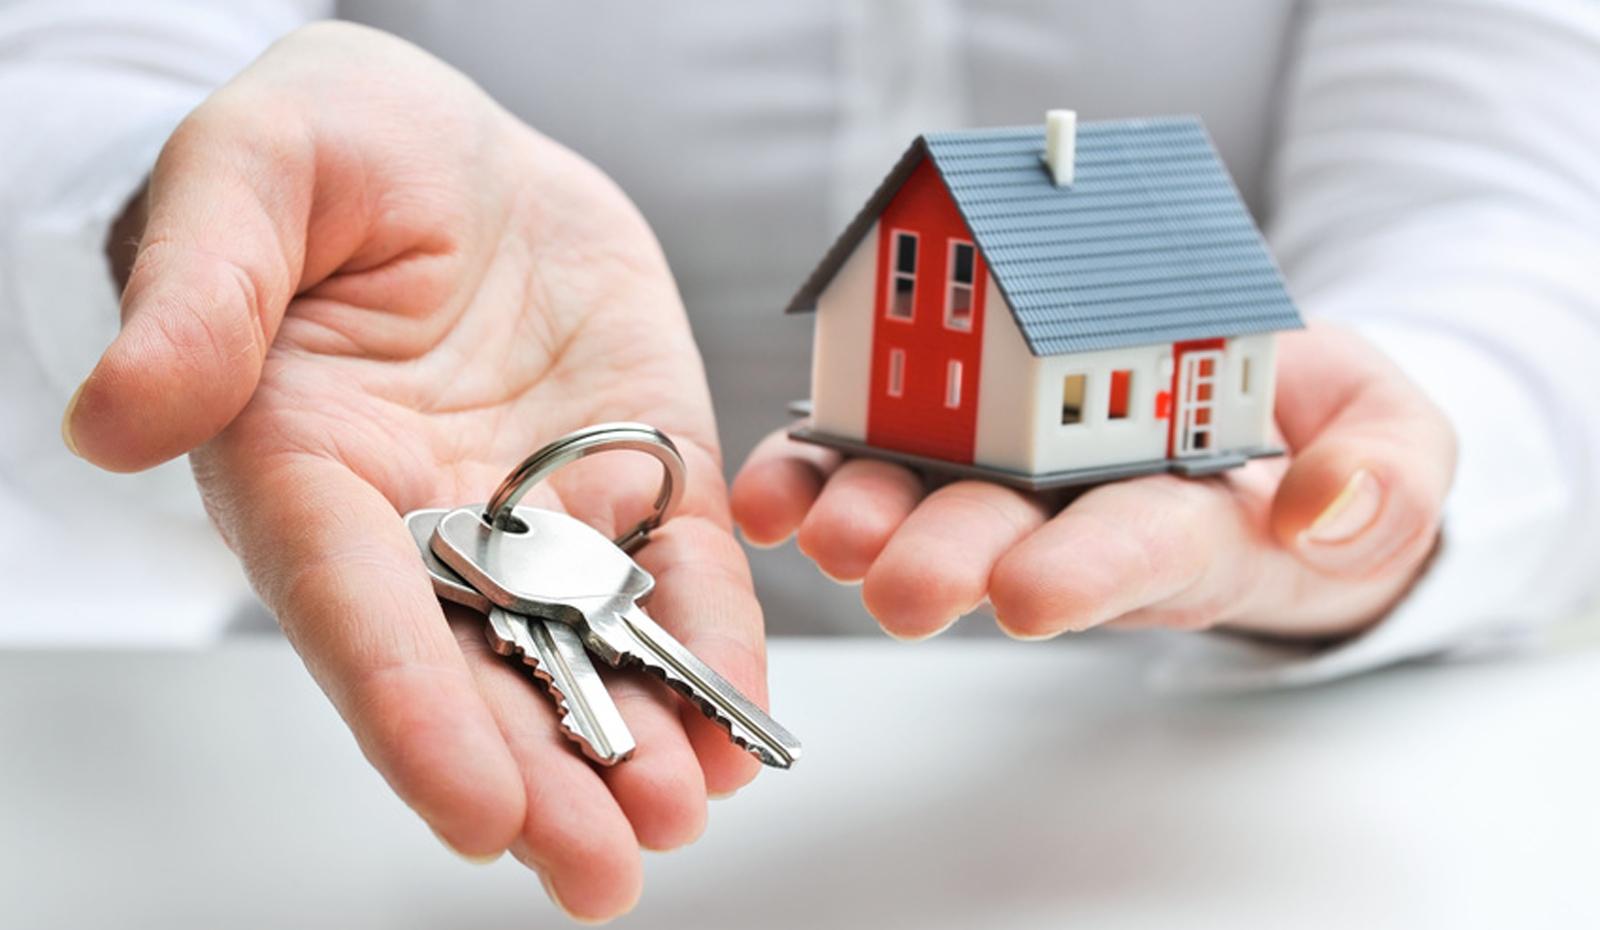 Lavoro chiavi in mano casanoproblem ristrutturazioni - Chiavi in mano casa ...